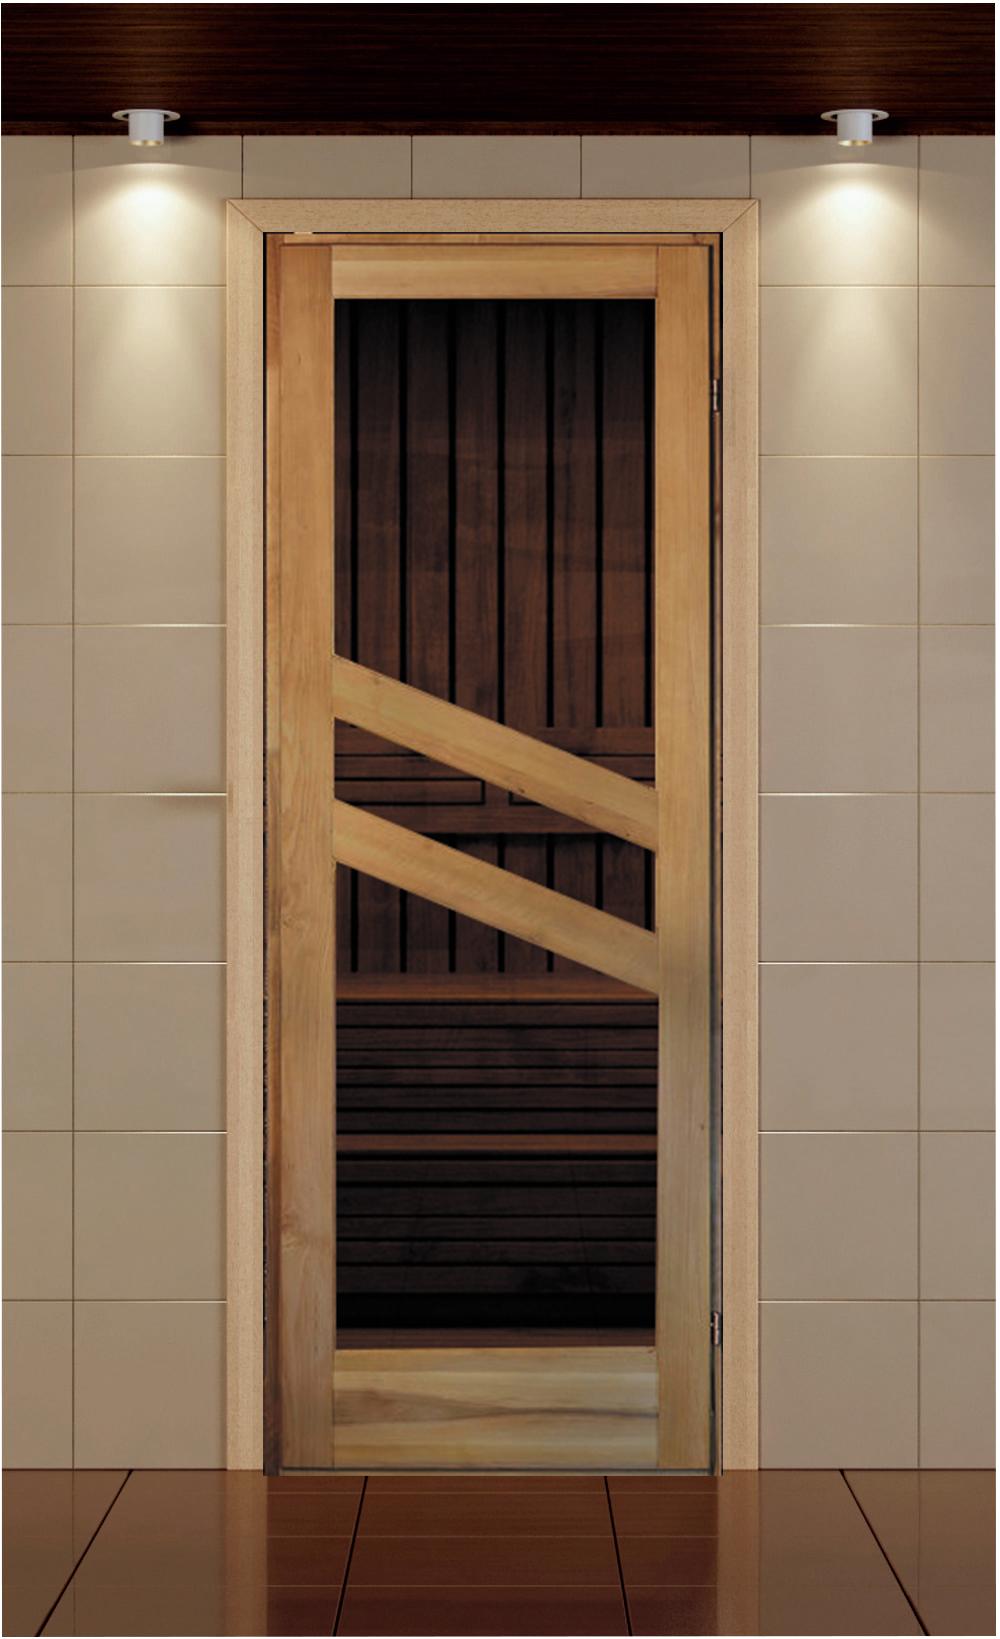 Дверь с притвором С-1. Материал Ольха    Коробка ольха. Петли 2шт    Размеры дверного блока 700-1800, 700-1900,    700-2000, 800-1900, 800-2000    Цена 7800руб